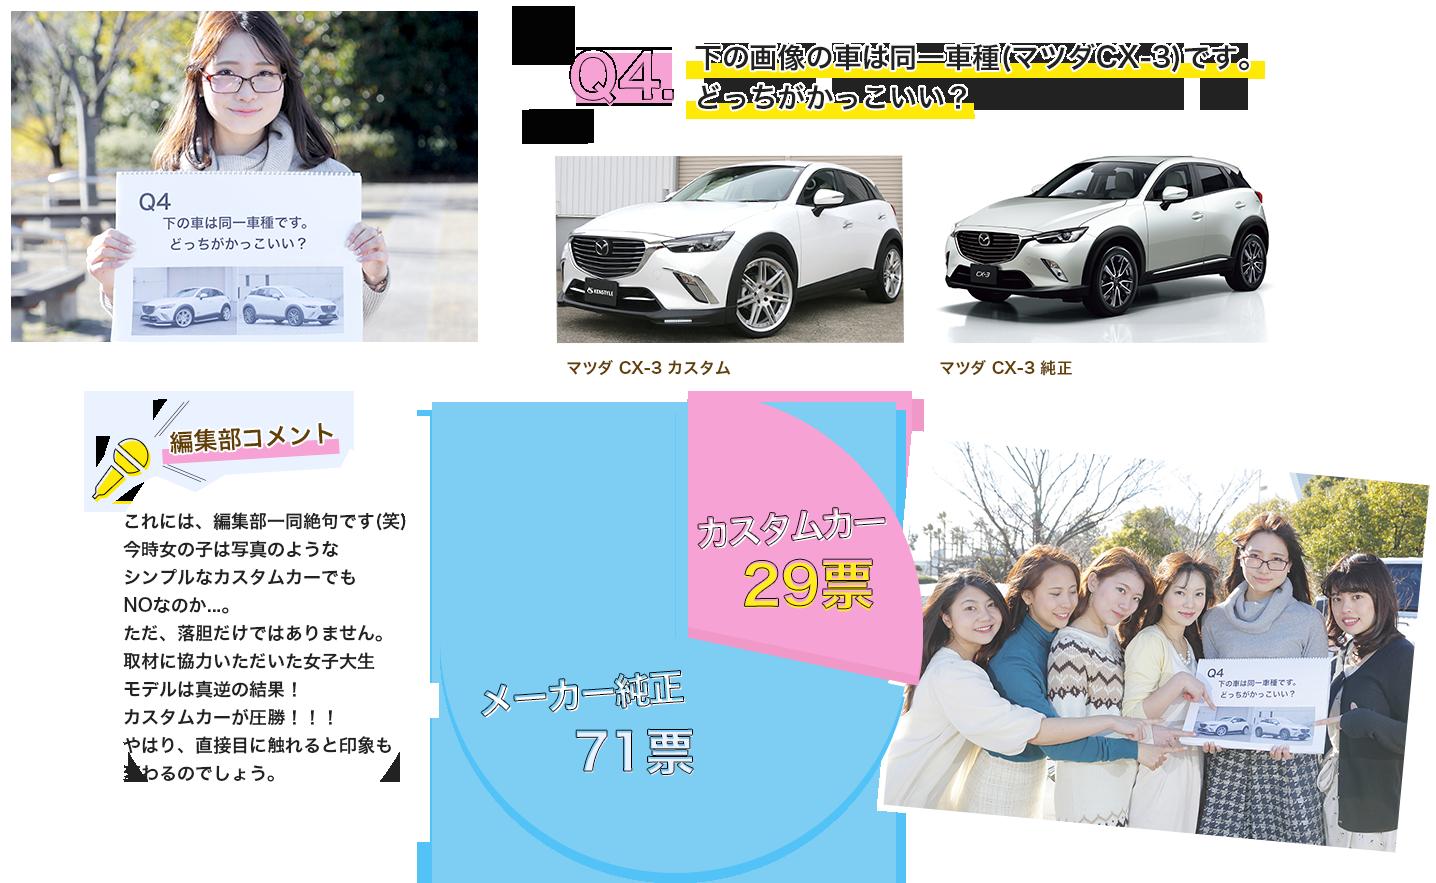 Q4.下の画像の車は同一車種(マツダCX-3)です。どっちがかっこいい? 今回取材協力をいただいているKENSTYLEデモカー マツダCX-3 出典http://www.kenstyle.co.jp/blog/index.php?catid=38 マツダCX-3 出典http://autoc-one.jp/nenpi/2218035/ カスタムカー28.6% メーカー純正71.4% 編集部コメント|これには、編集部一同絶句です(笑)今時女の子は写真のようなシンプルなカスタムカーでもNOなのか…。ただ、落胆だけではありません。取材に協力いただいた女子大生モデルは真逆の結果!カスタムカーのデモカーが圧勝!やはり、直接目に触れると印象も変わるのでしょう。